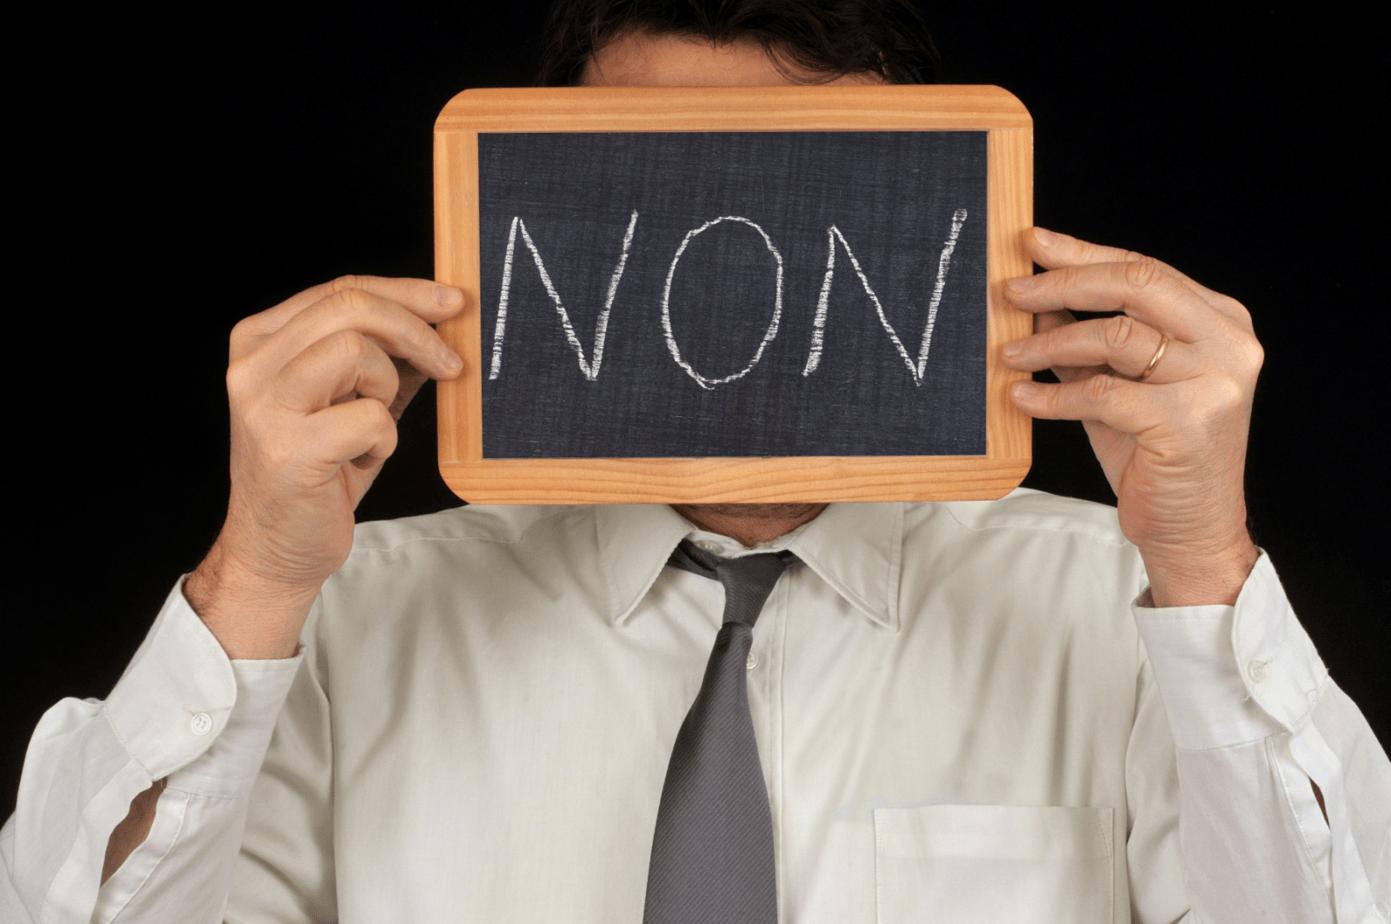 Un homme tient un mini tableau où on peut lire le mot NON écrit à la craie. C'est souvent la réponse aux nouvelles pratiques d'intervention sociale et à la difficulté à changer.